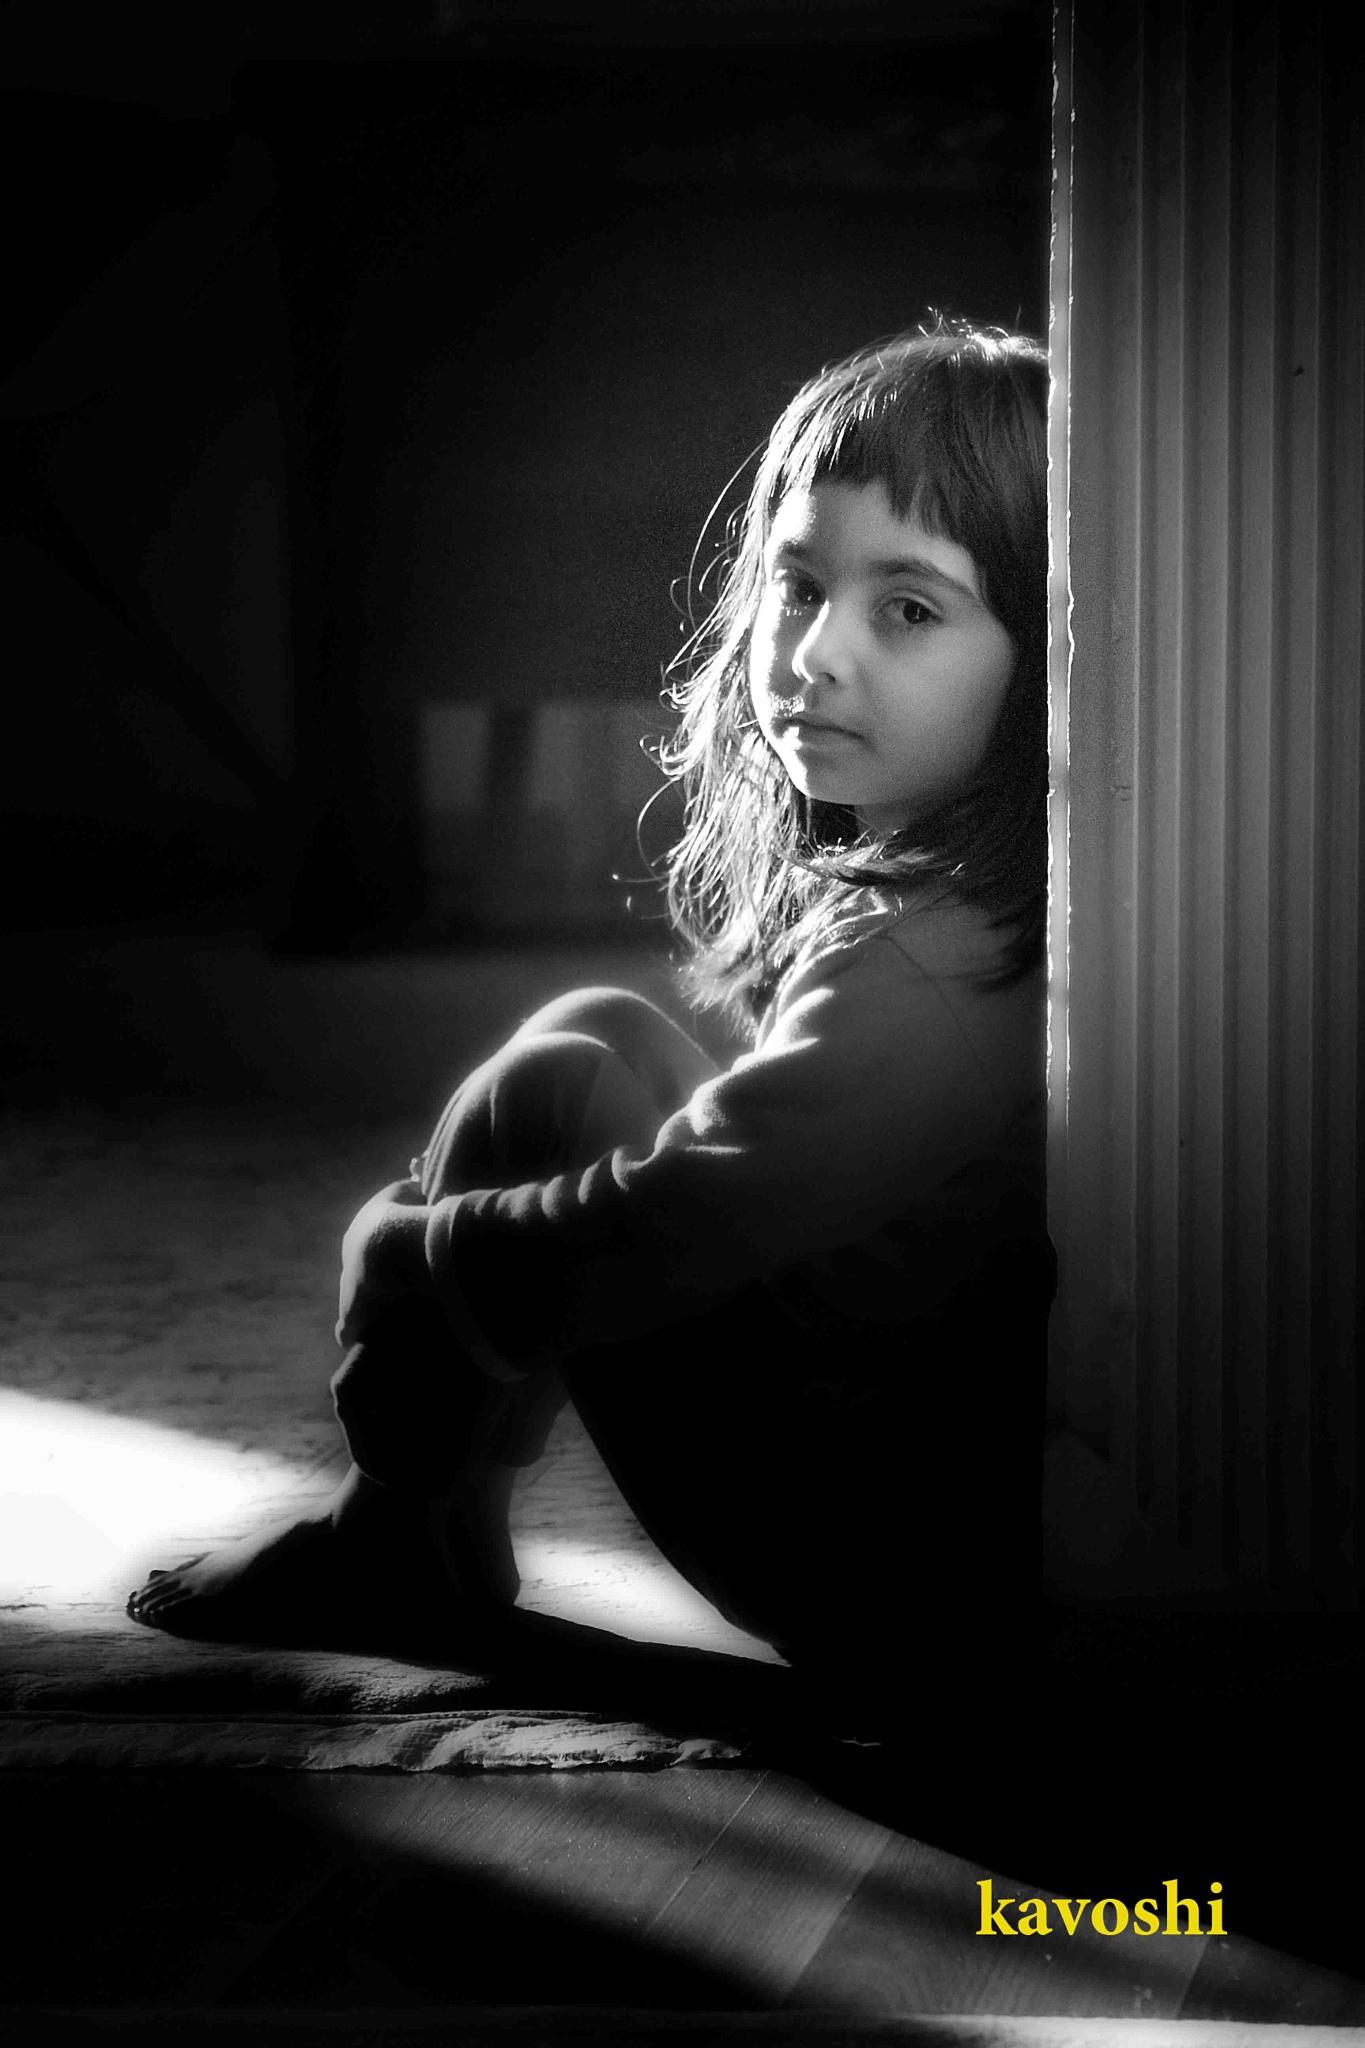 نوری در خانه by kavoshihs